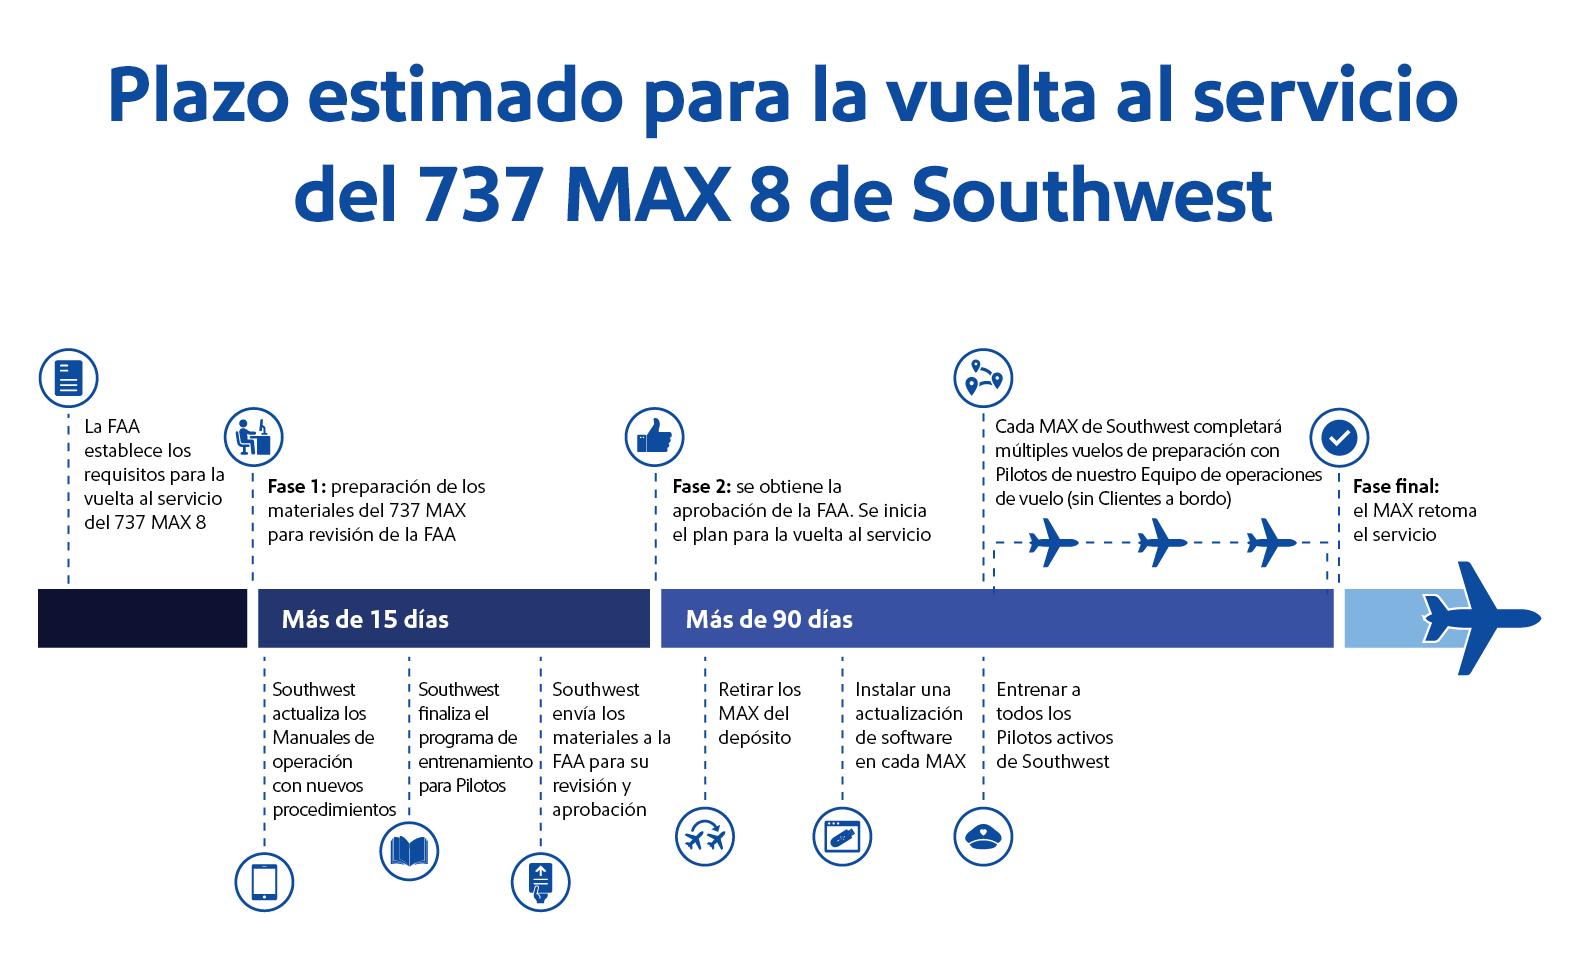 Plazo estimado de la vuelta al servicio del737 MAX8 de Southwest Airlines